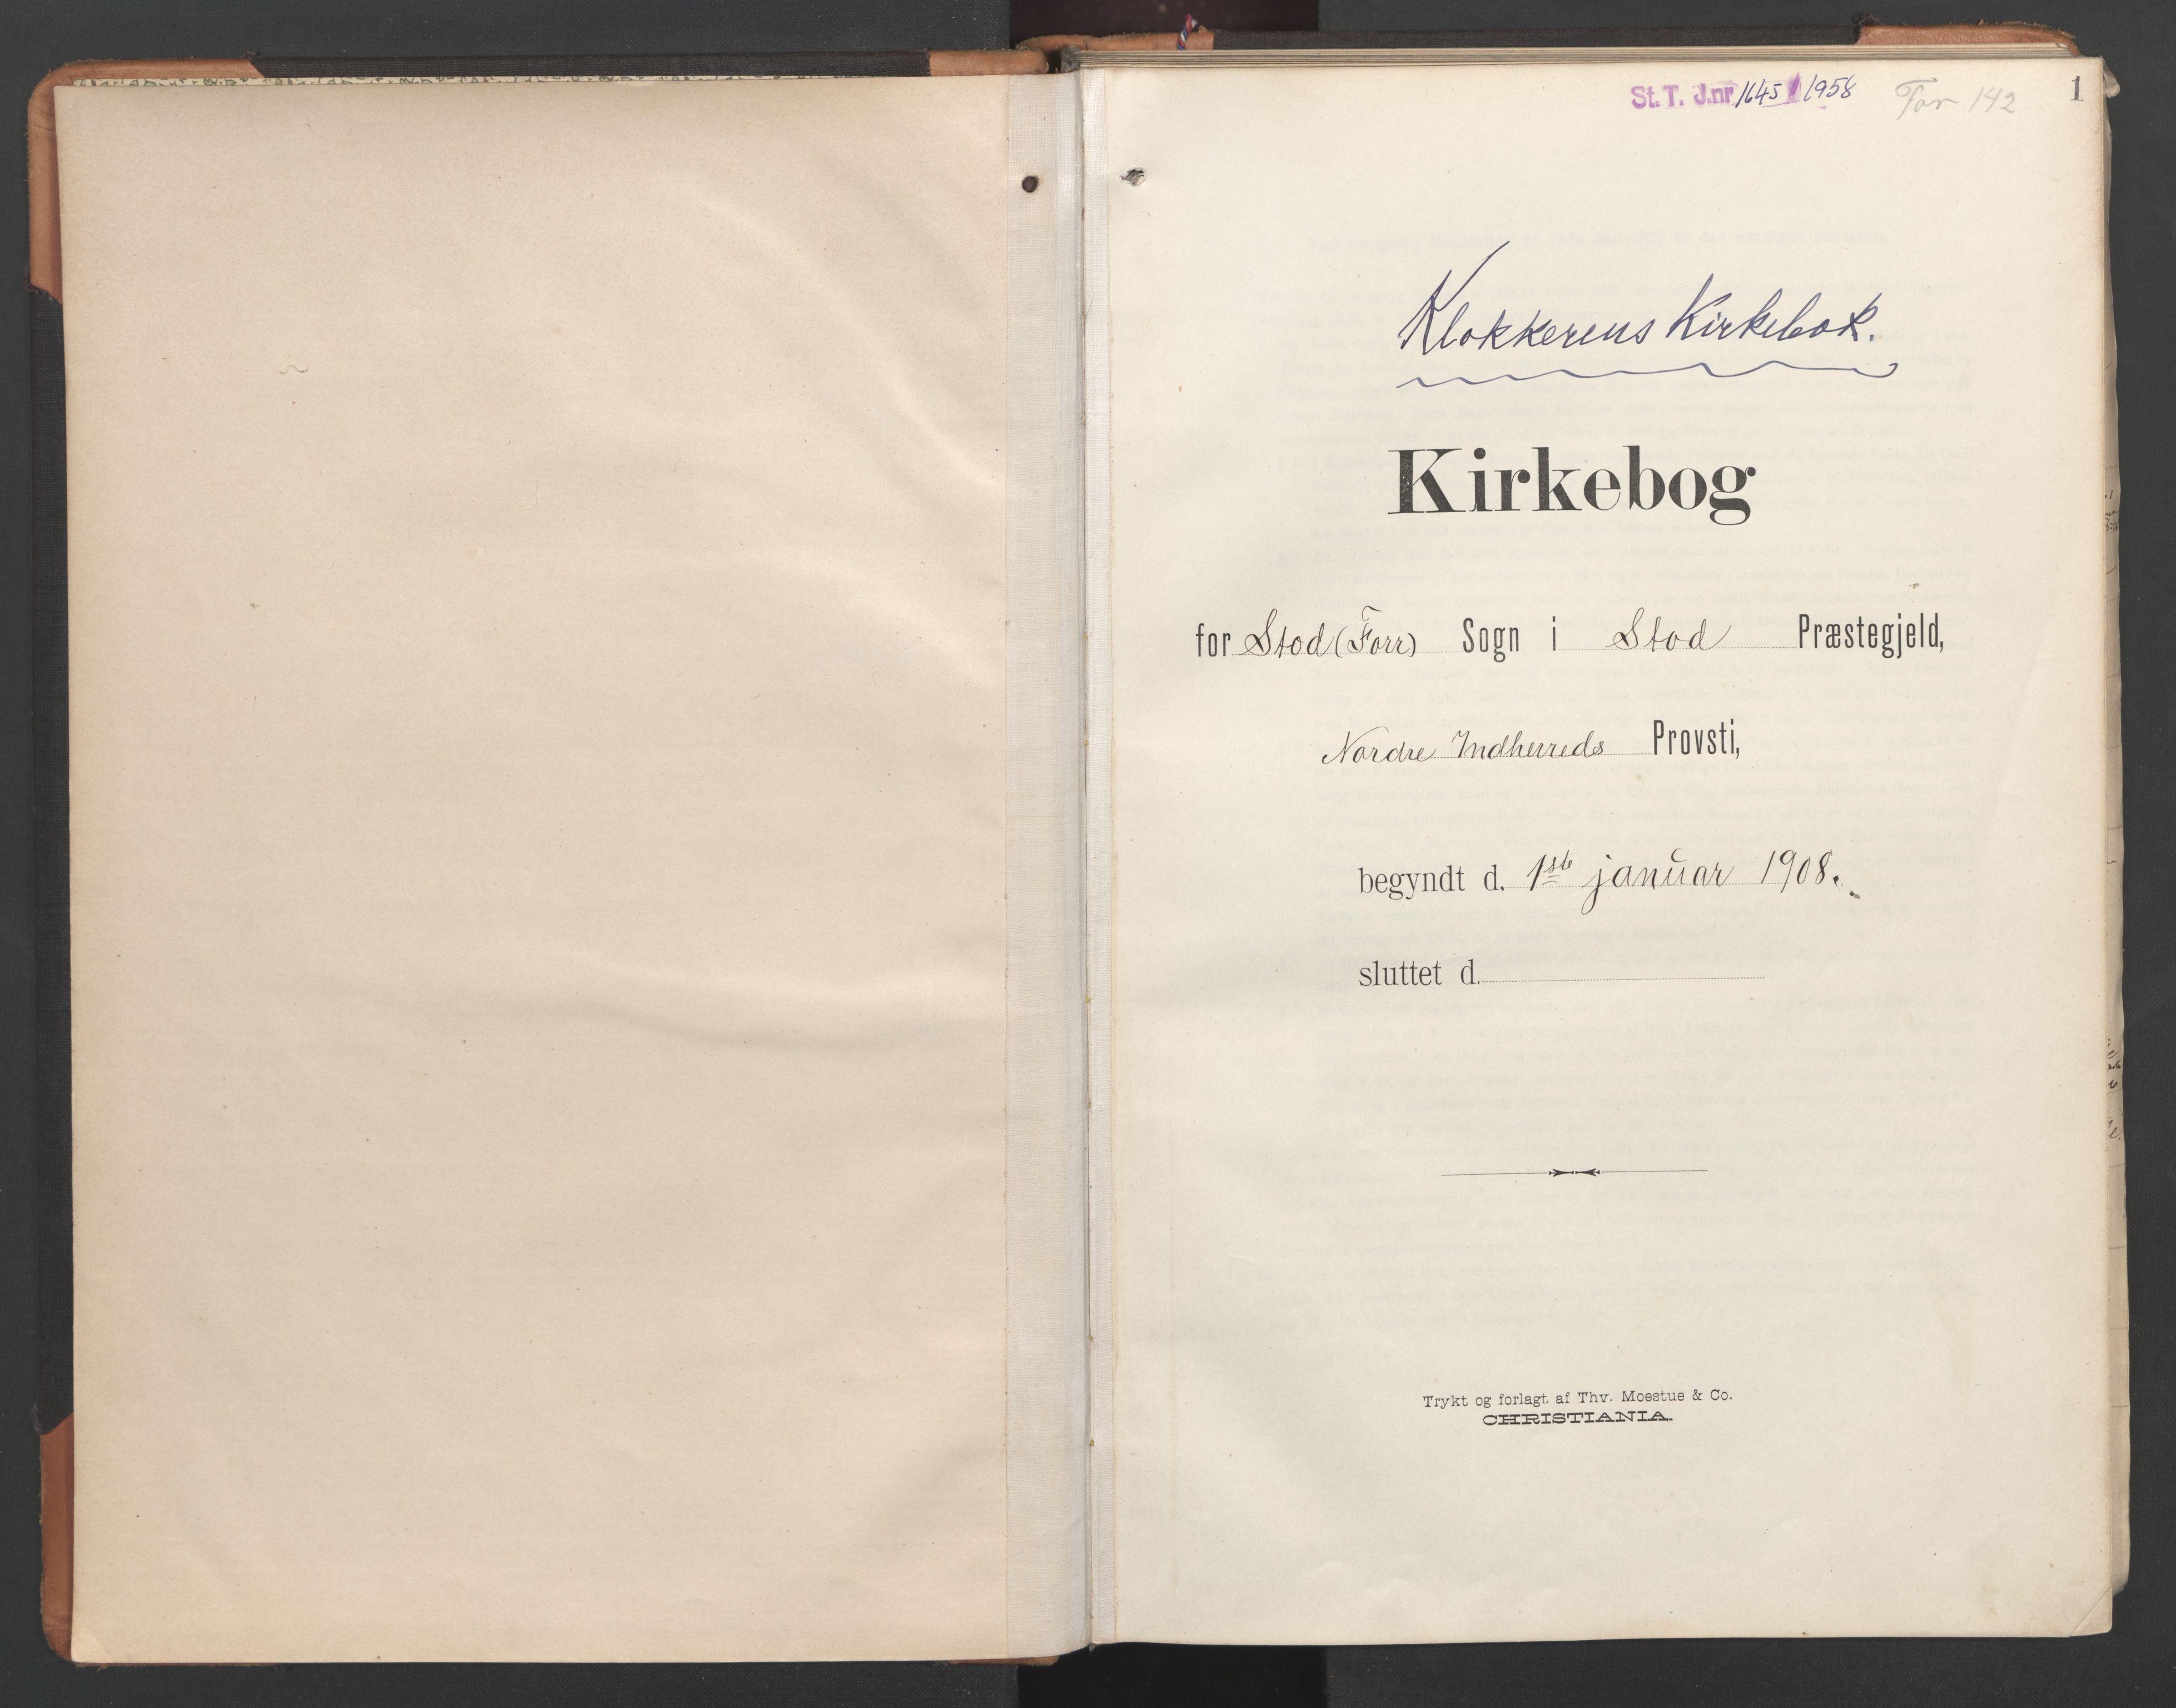 SAT, Ministerialprotokoller, klokkerbøker og fødselsregistre - Nord-Trøndelag, 746/L0455: Klokkerbok nr. 746C01, 1908-1933, s. 1